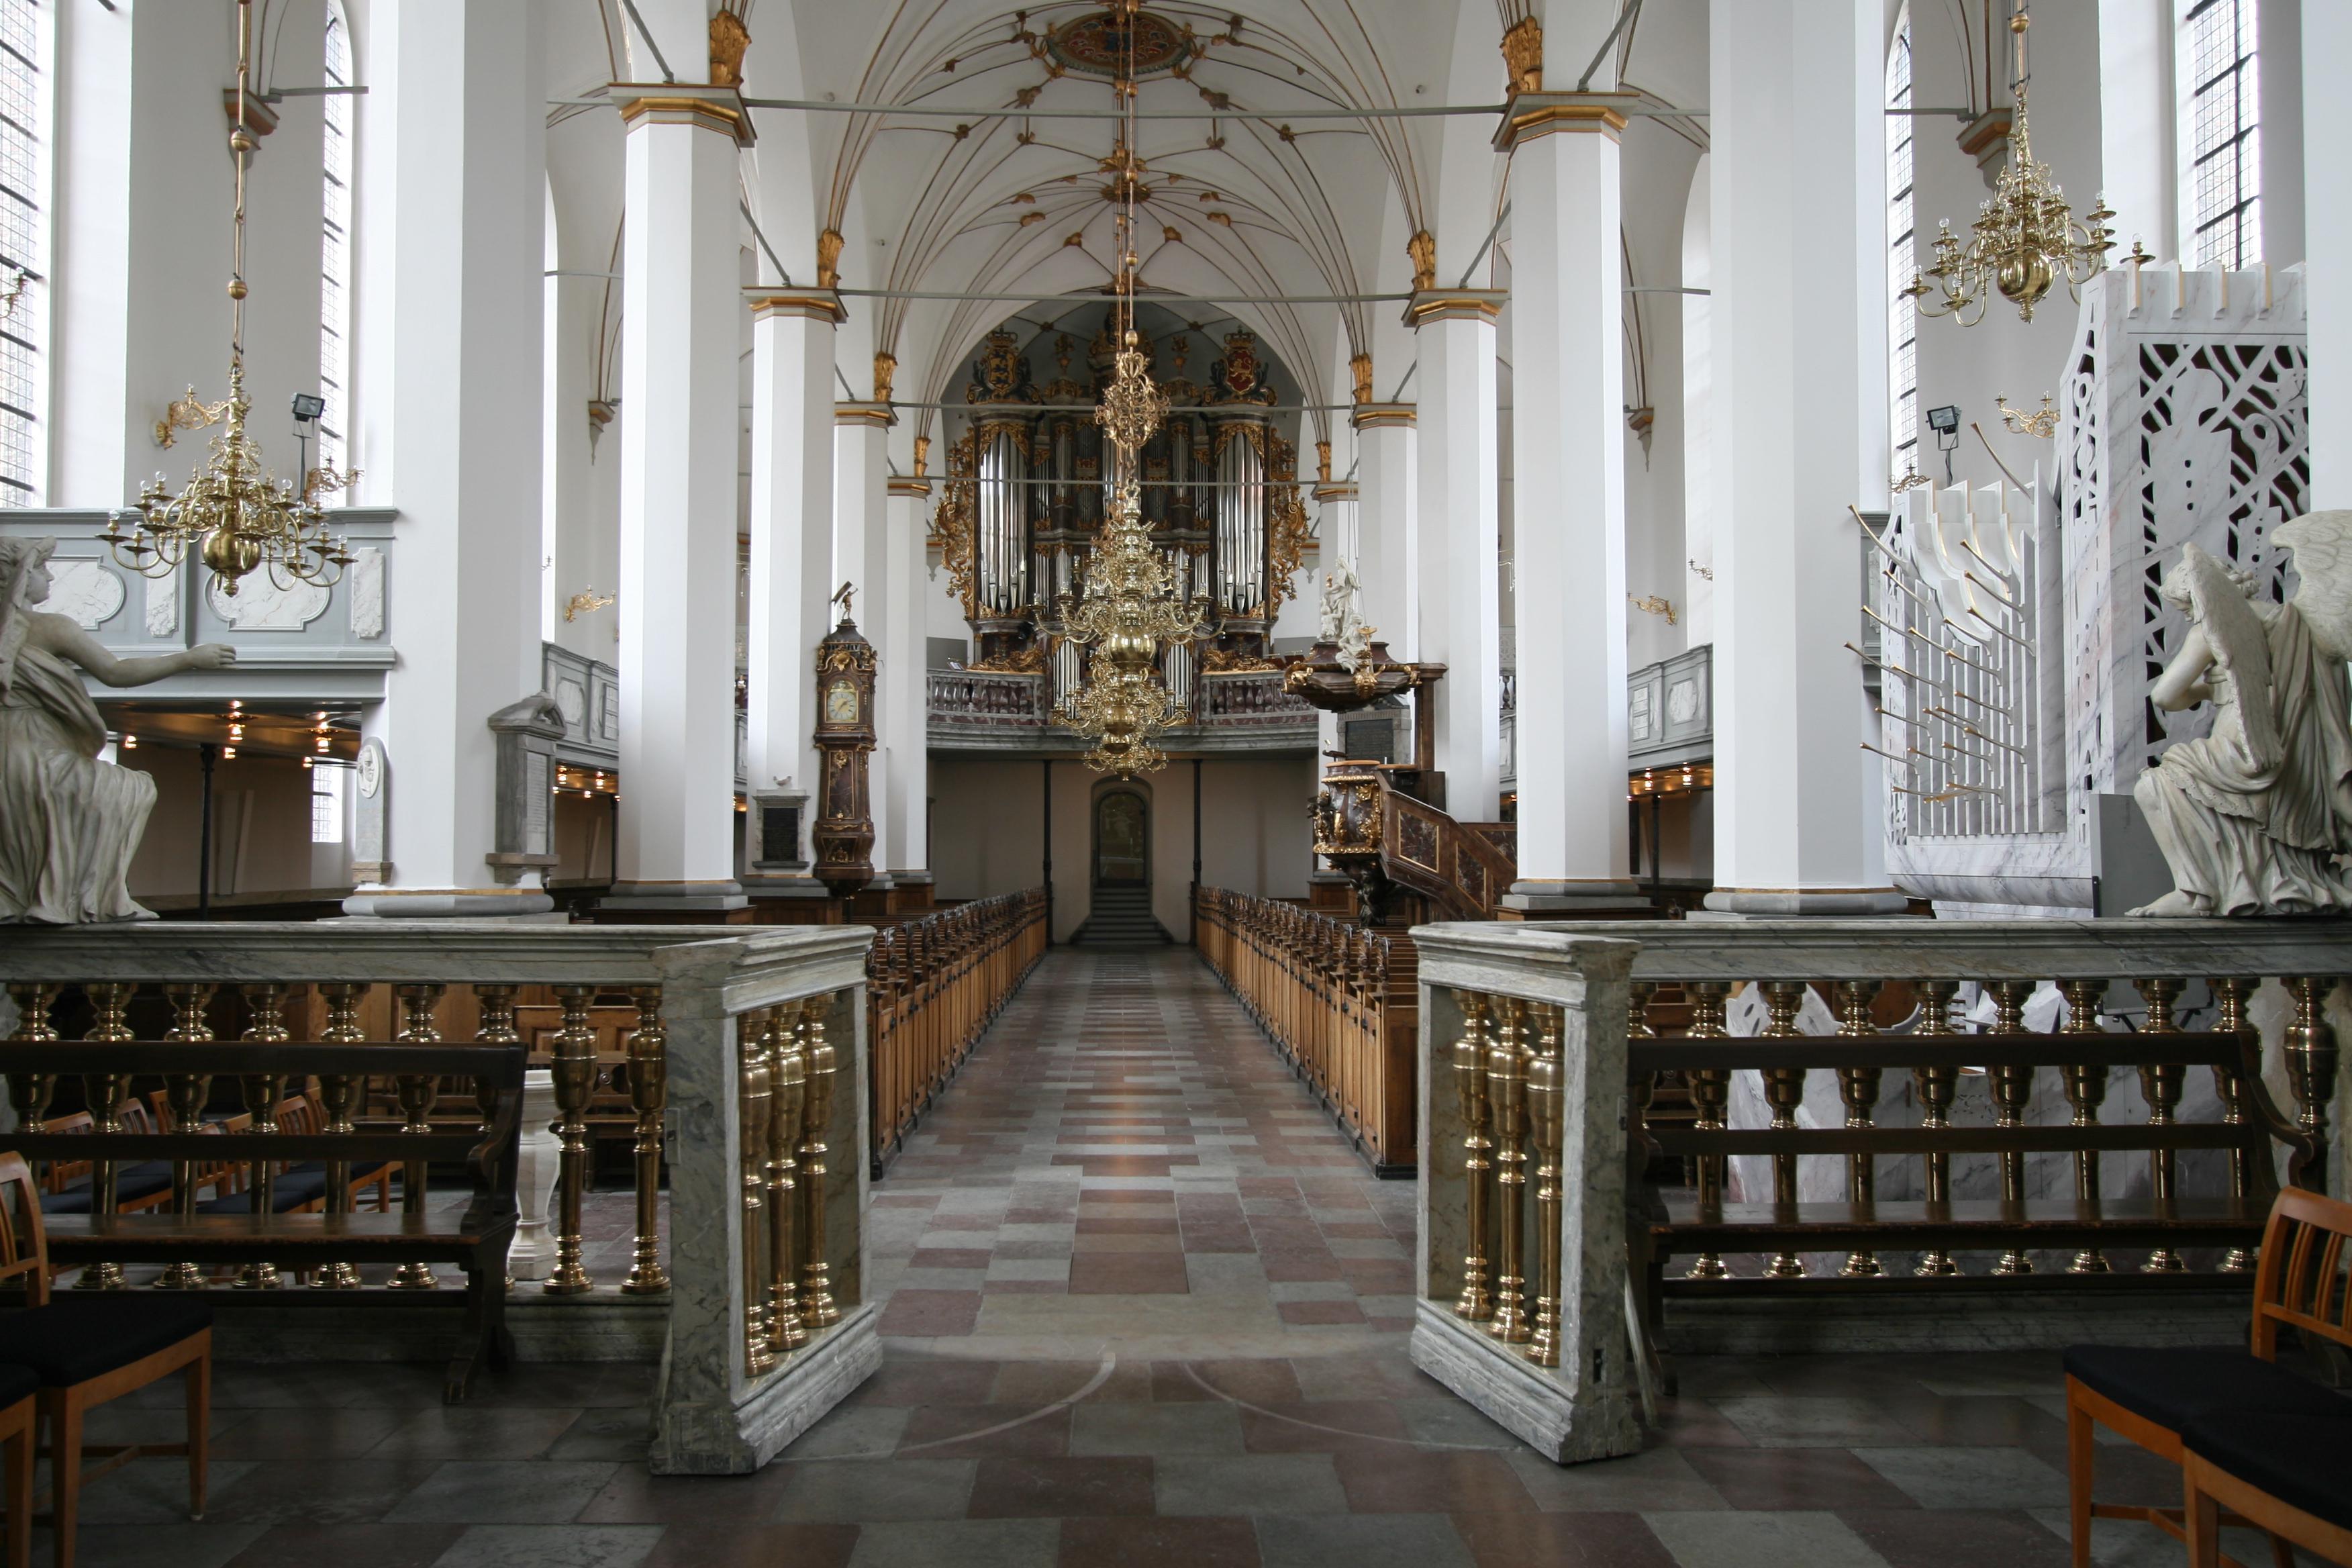 File:Trinitatis Kirke Copenhagen interior from altar.jpg.